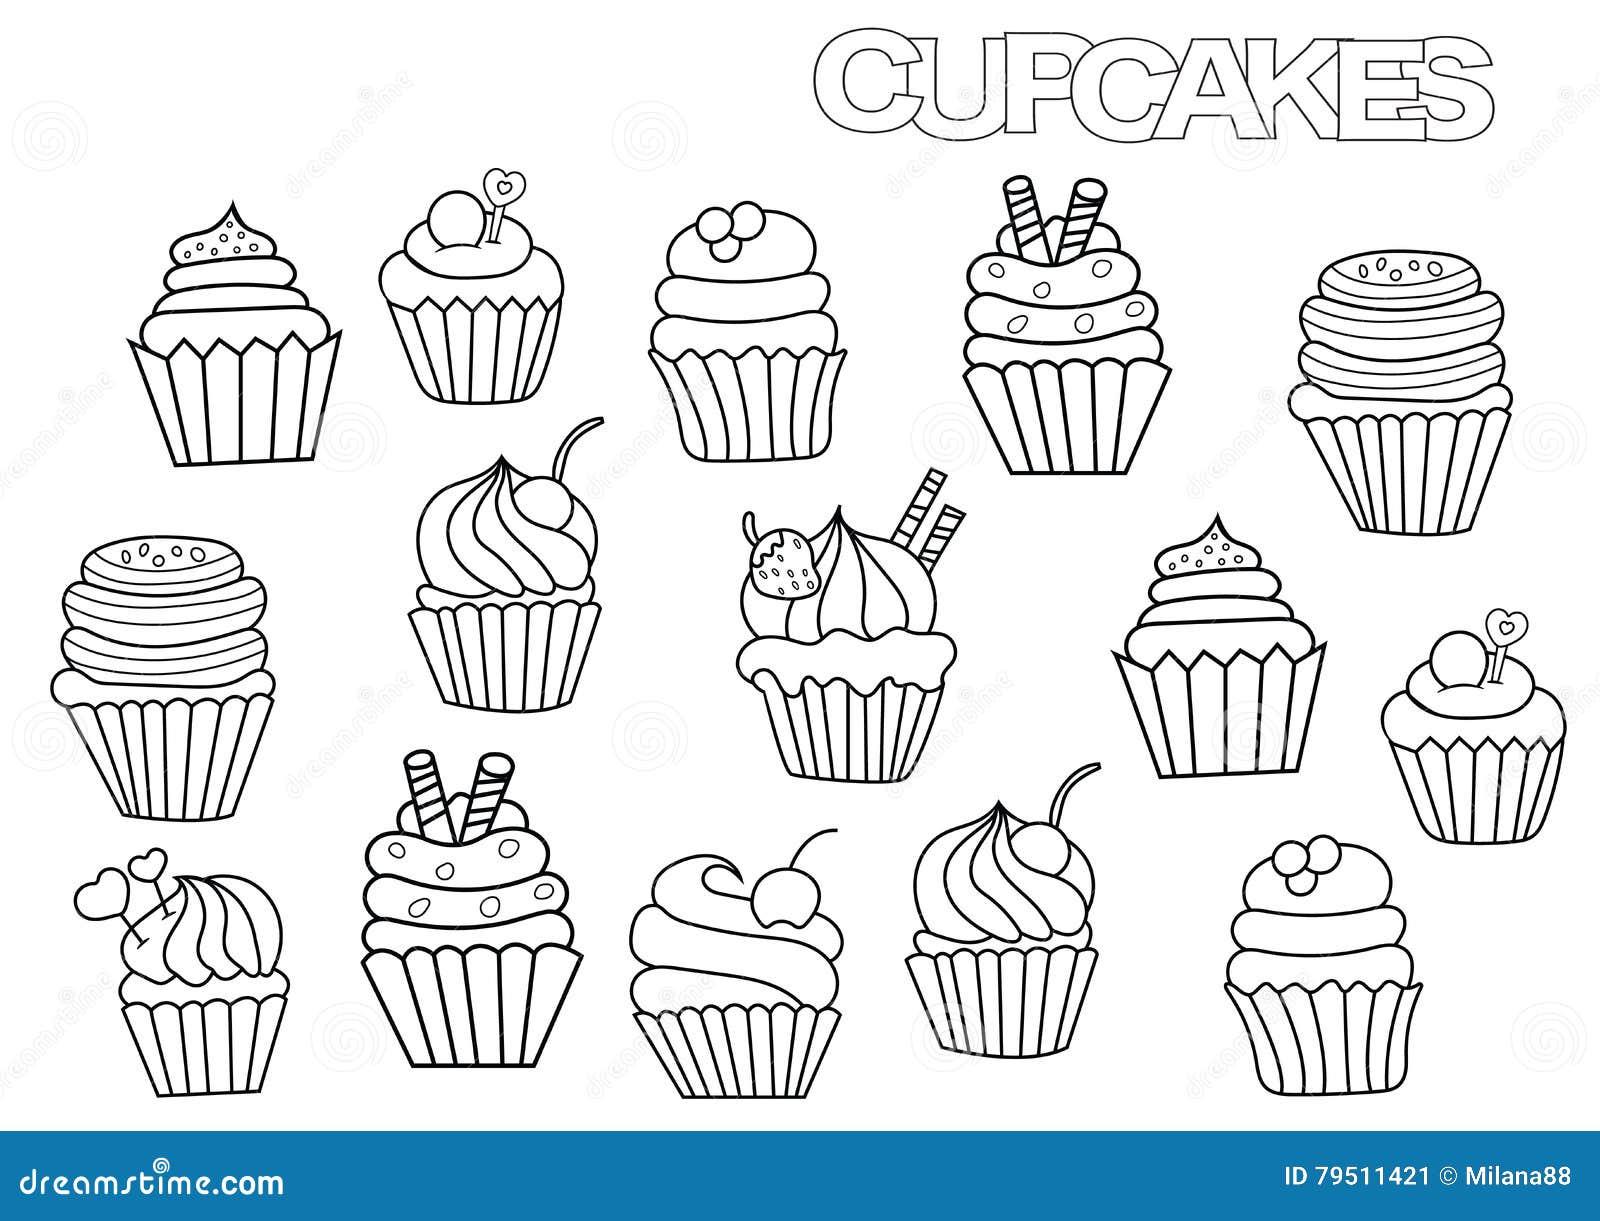 Нарисованные пирожные  клипарт на белом фоне Funny cake